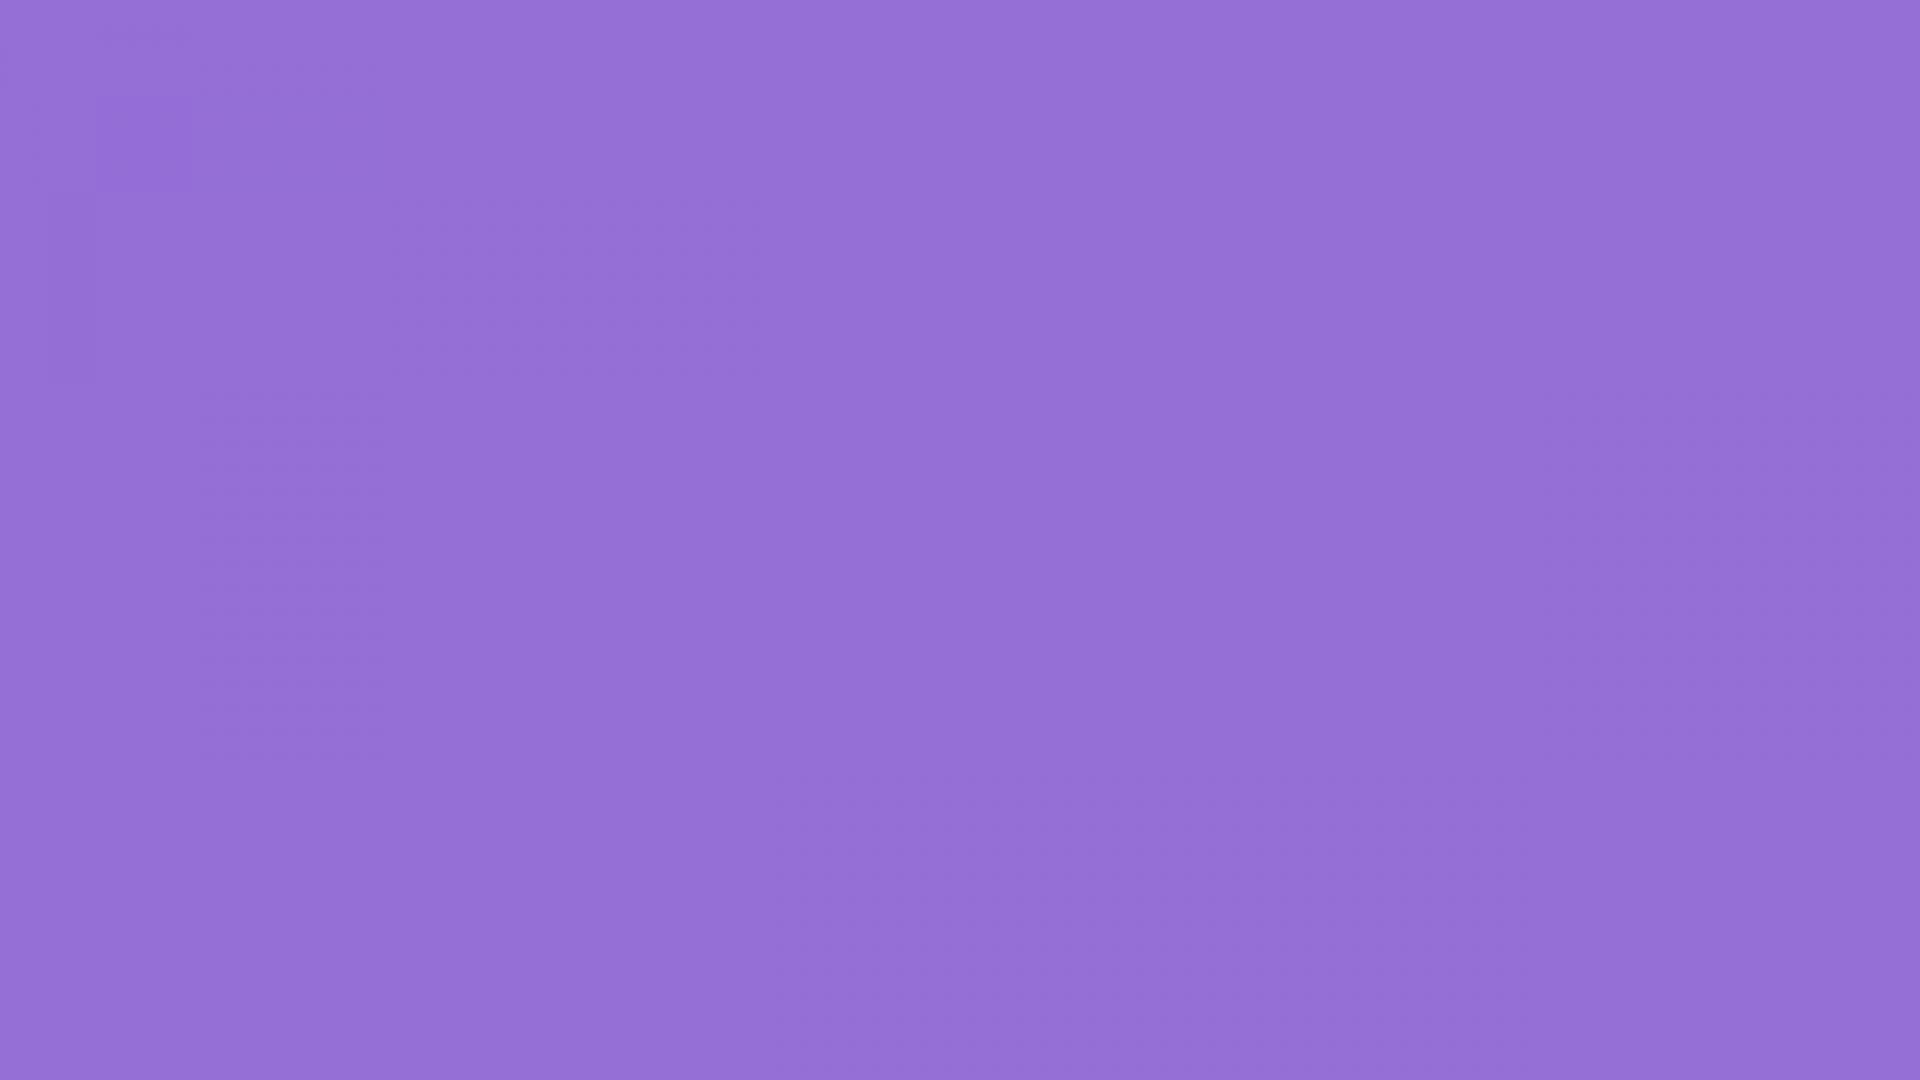 Free Download 2560x1440 Resolution Dark Pastel Purple Solid